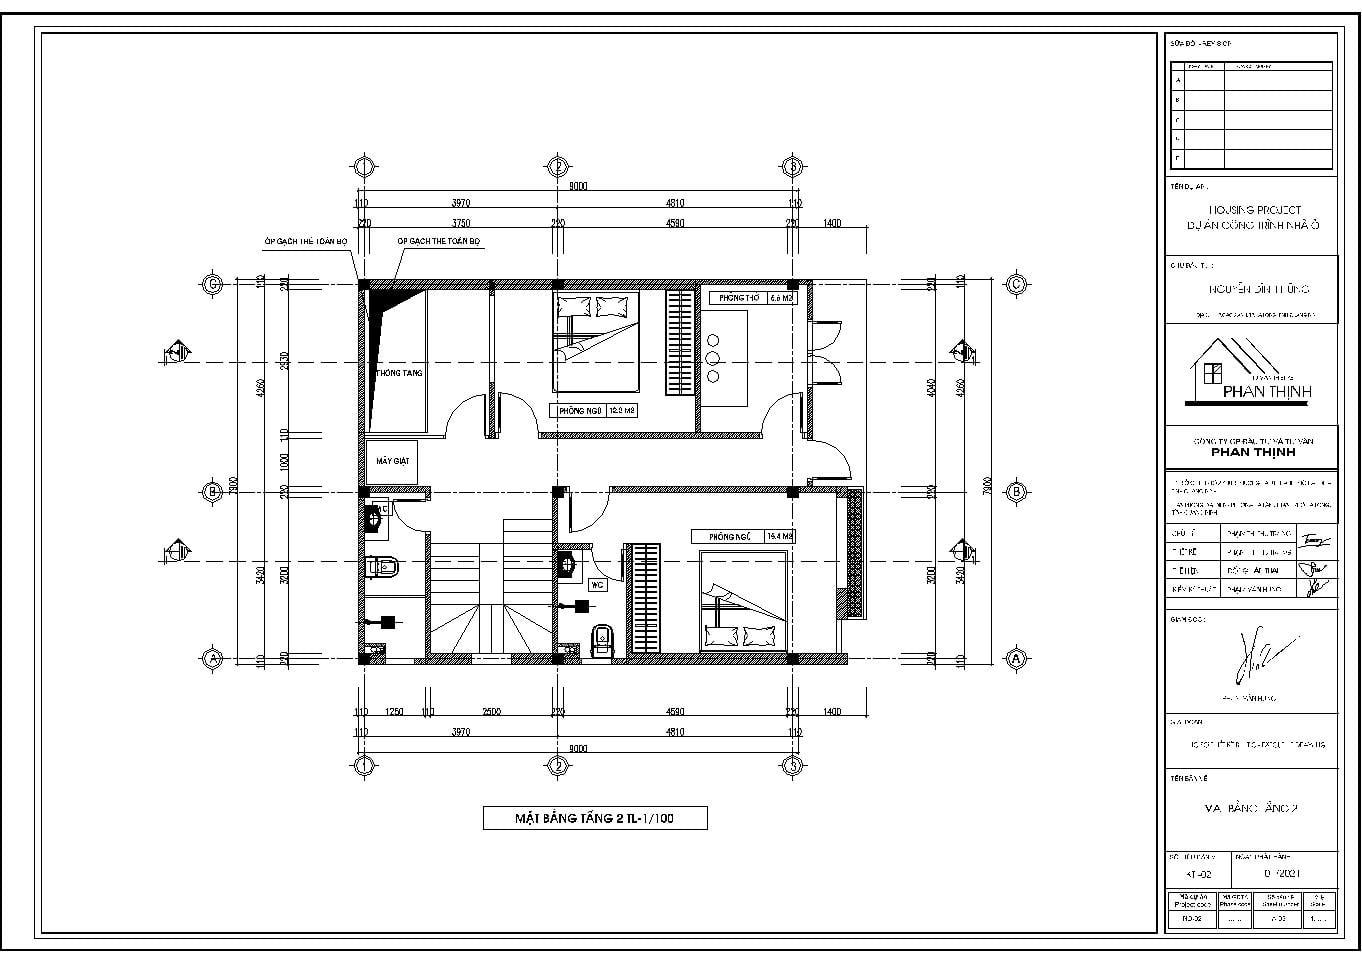 Mặt bằng thiết kế tại tầng 2